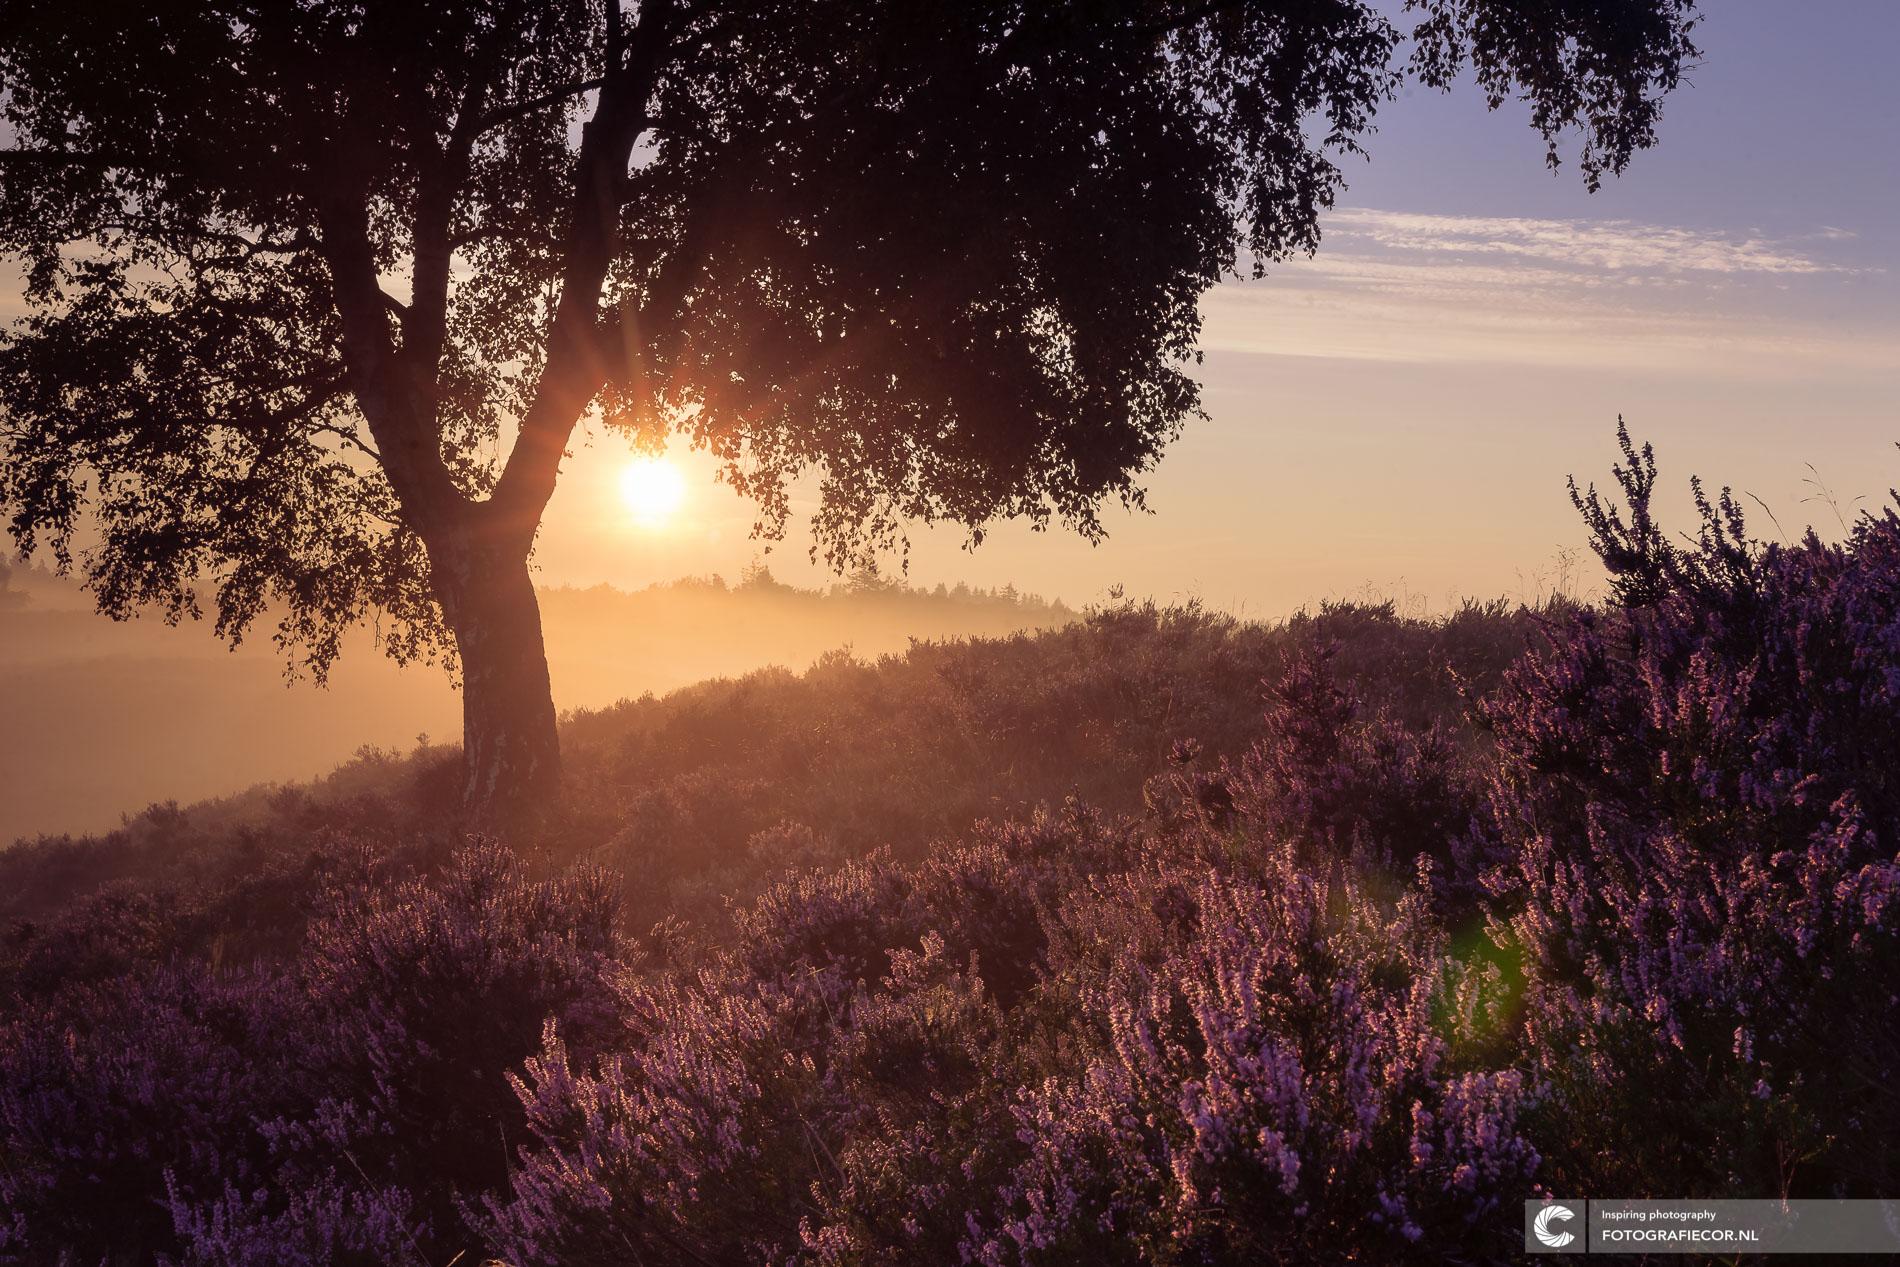 Romantische zonsopgang in paars heidelandschap | Landschapsfotograaf